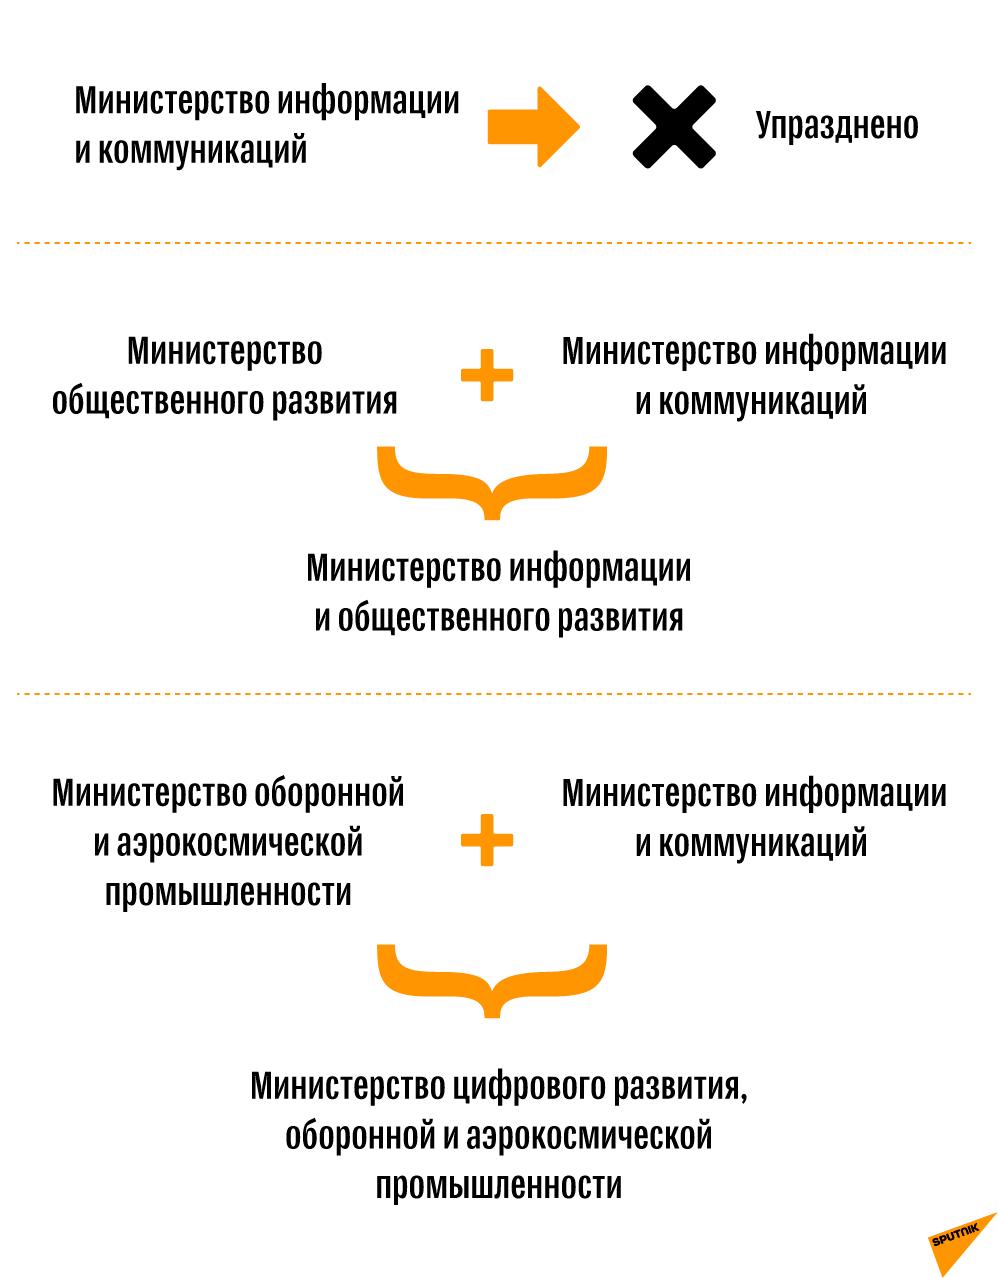 Преобразование министерства информации и коммуникации